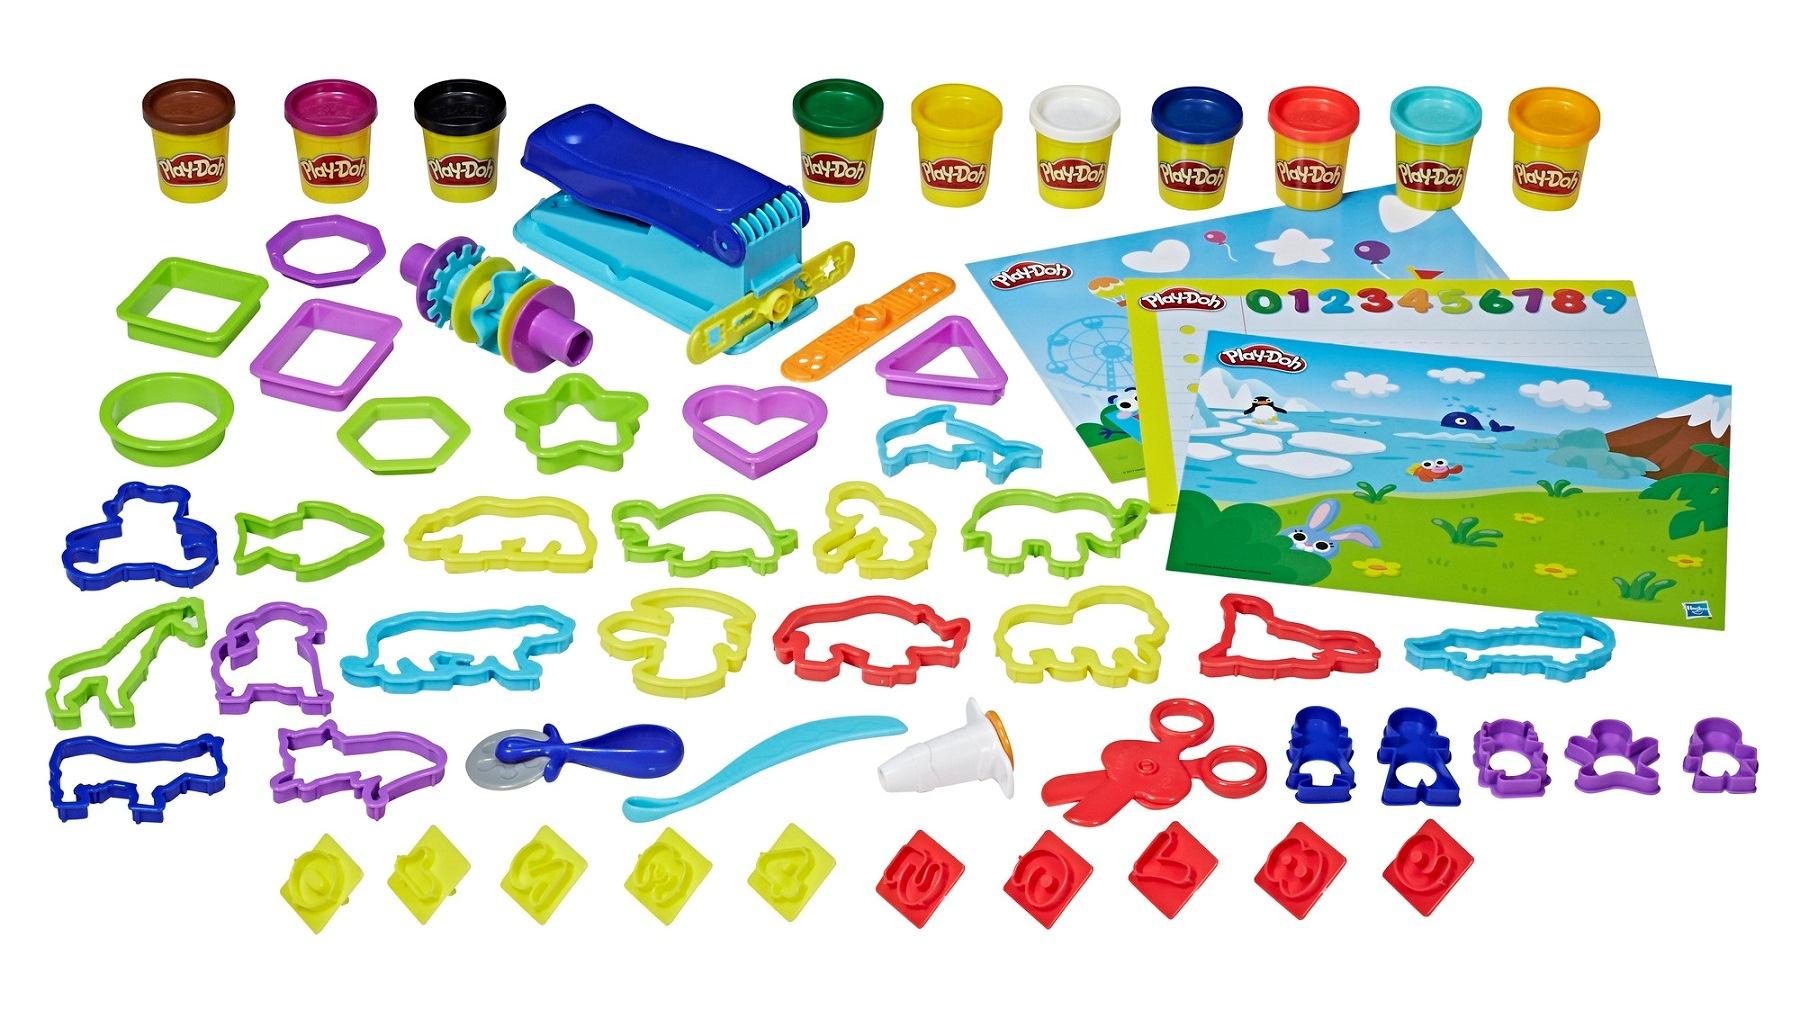 Набор для обучения дошкольников Play-Doh Hasbro